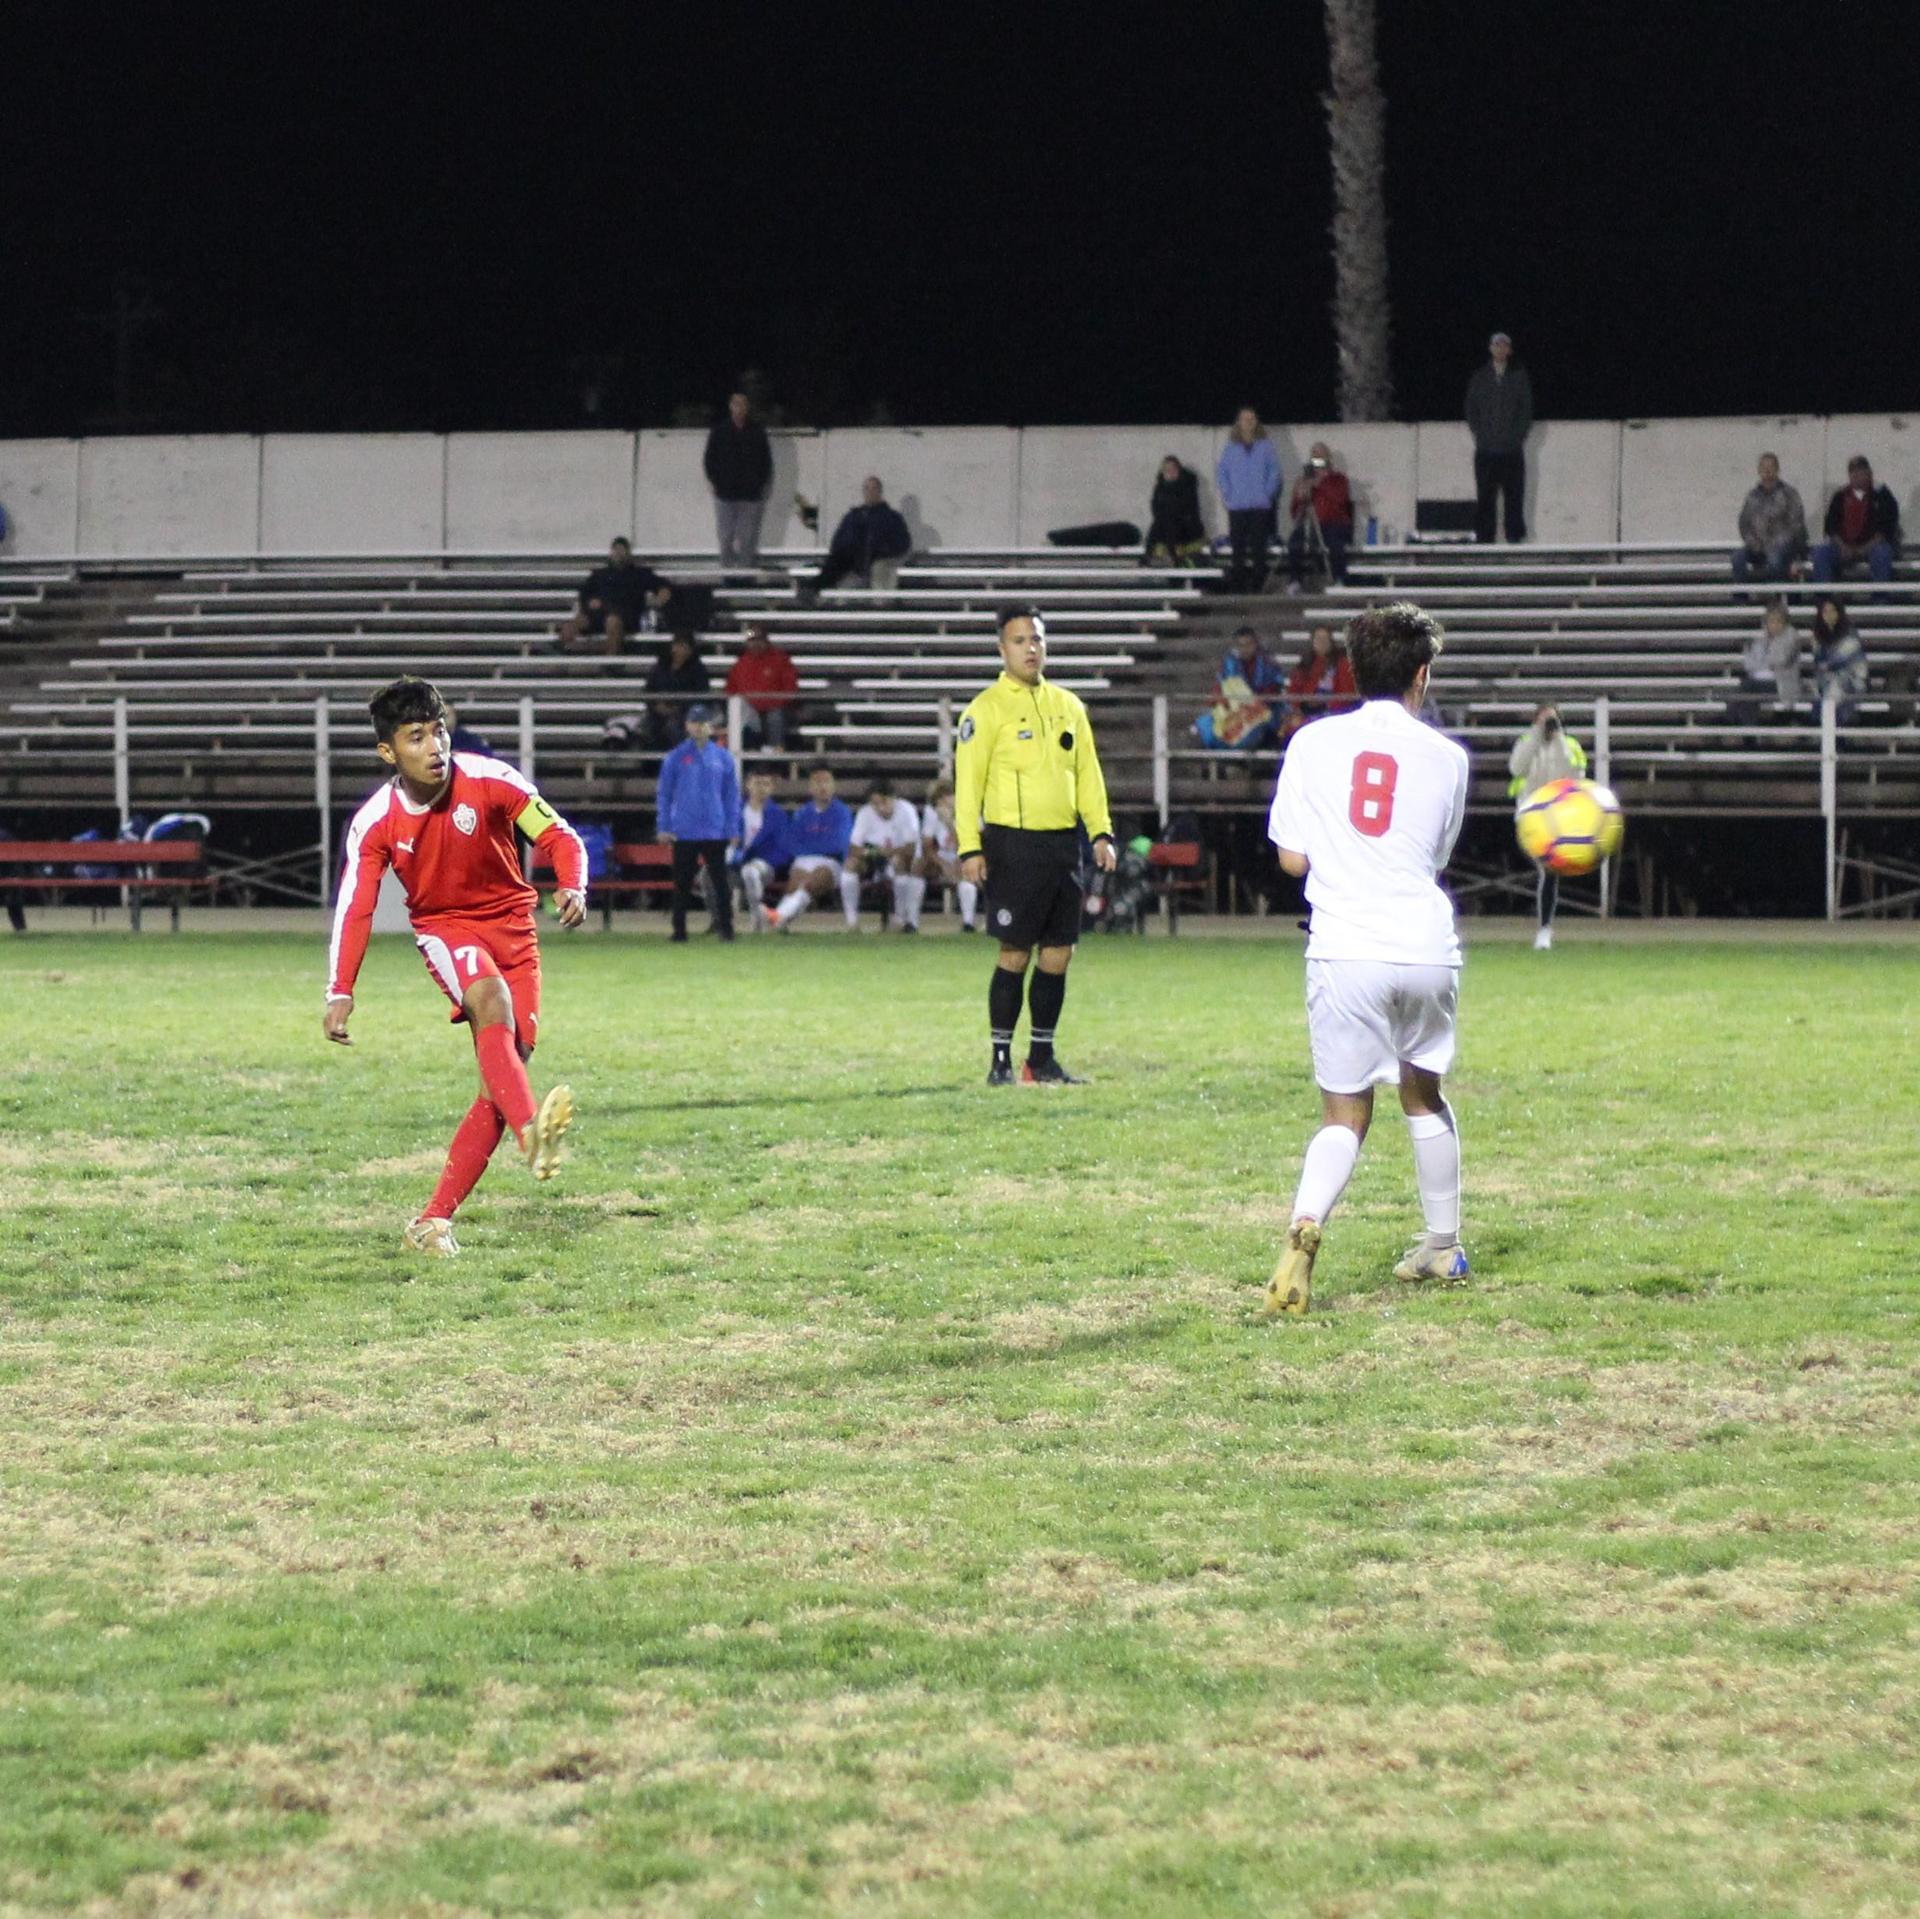 Luis Reyes kicking the ball